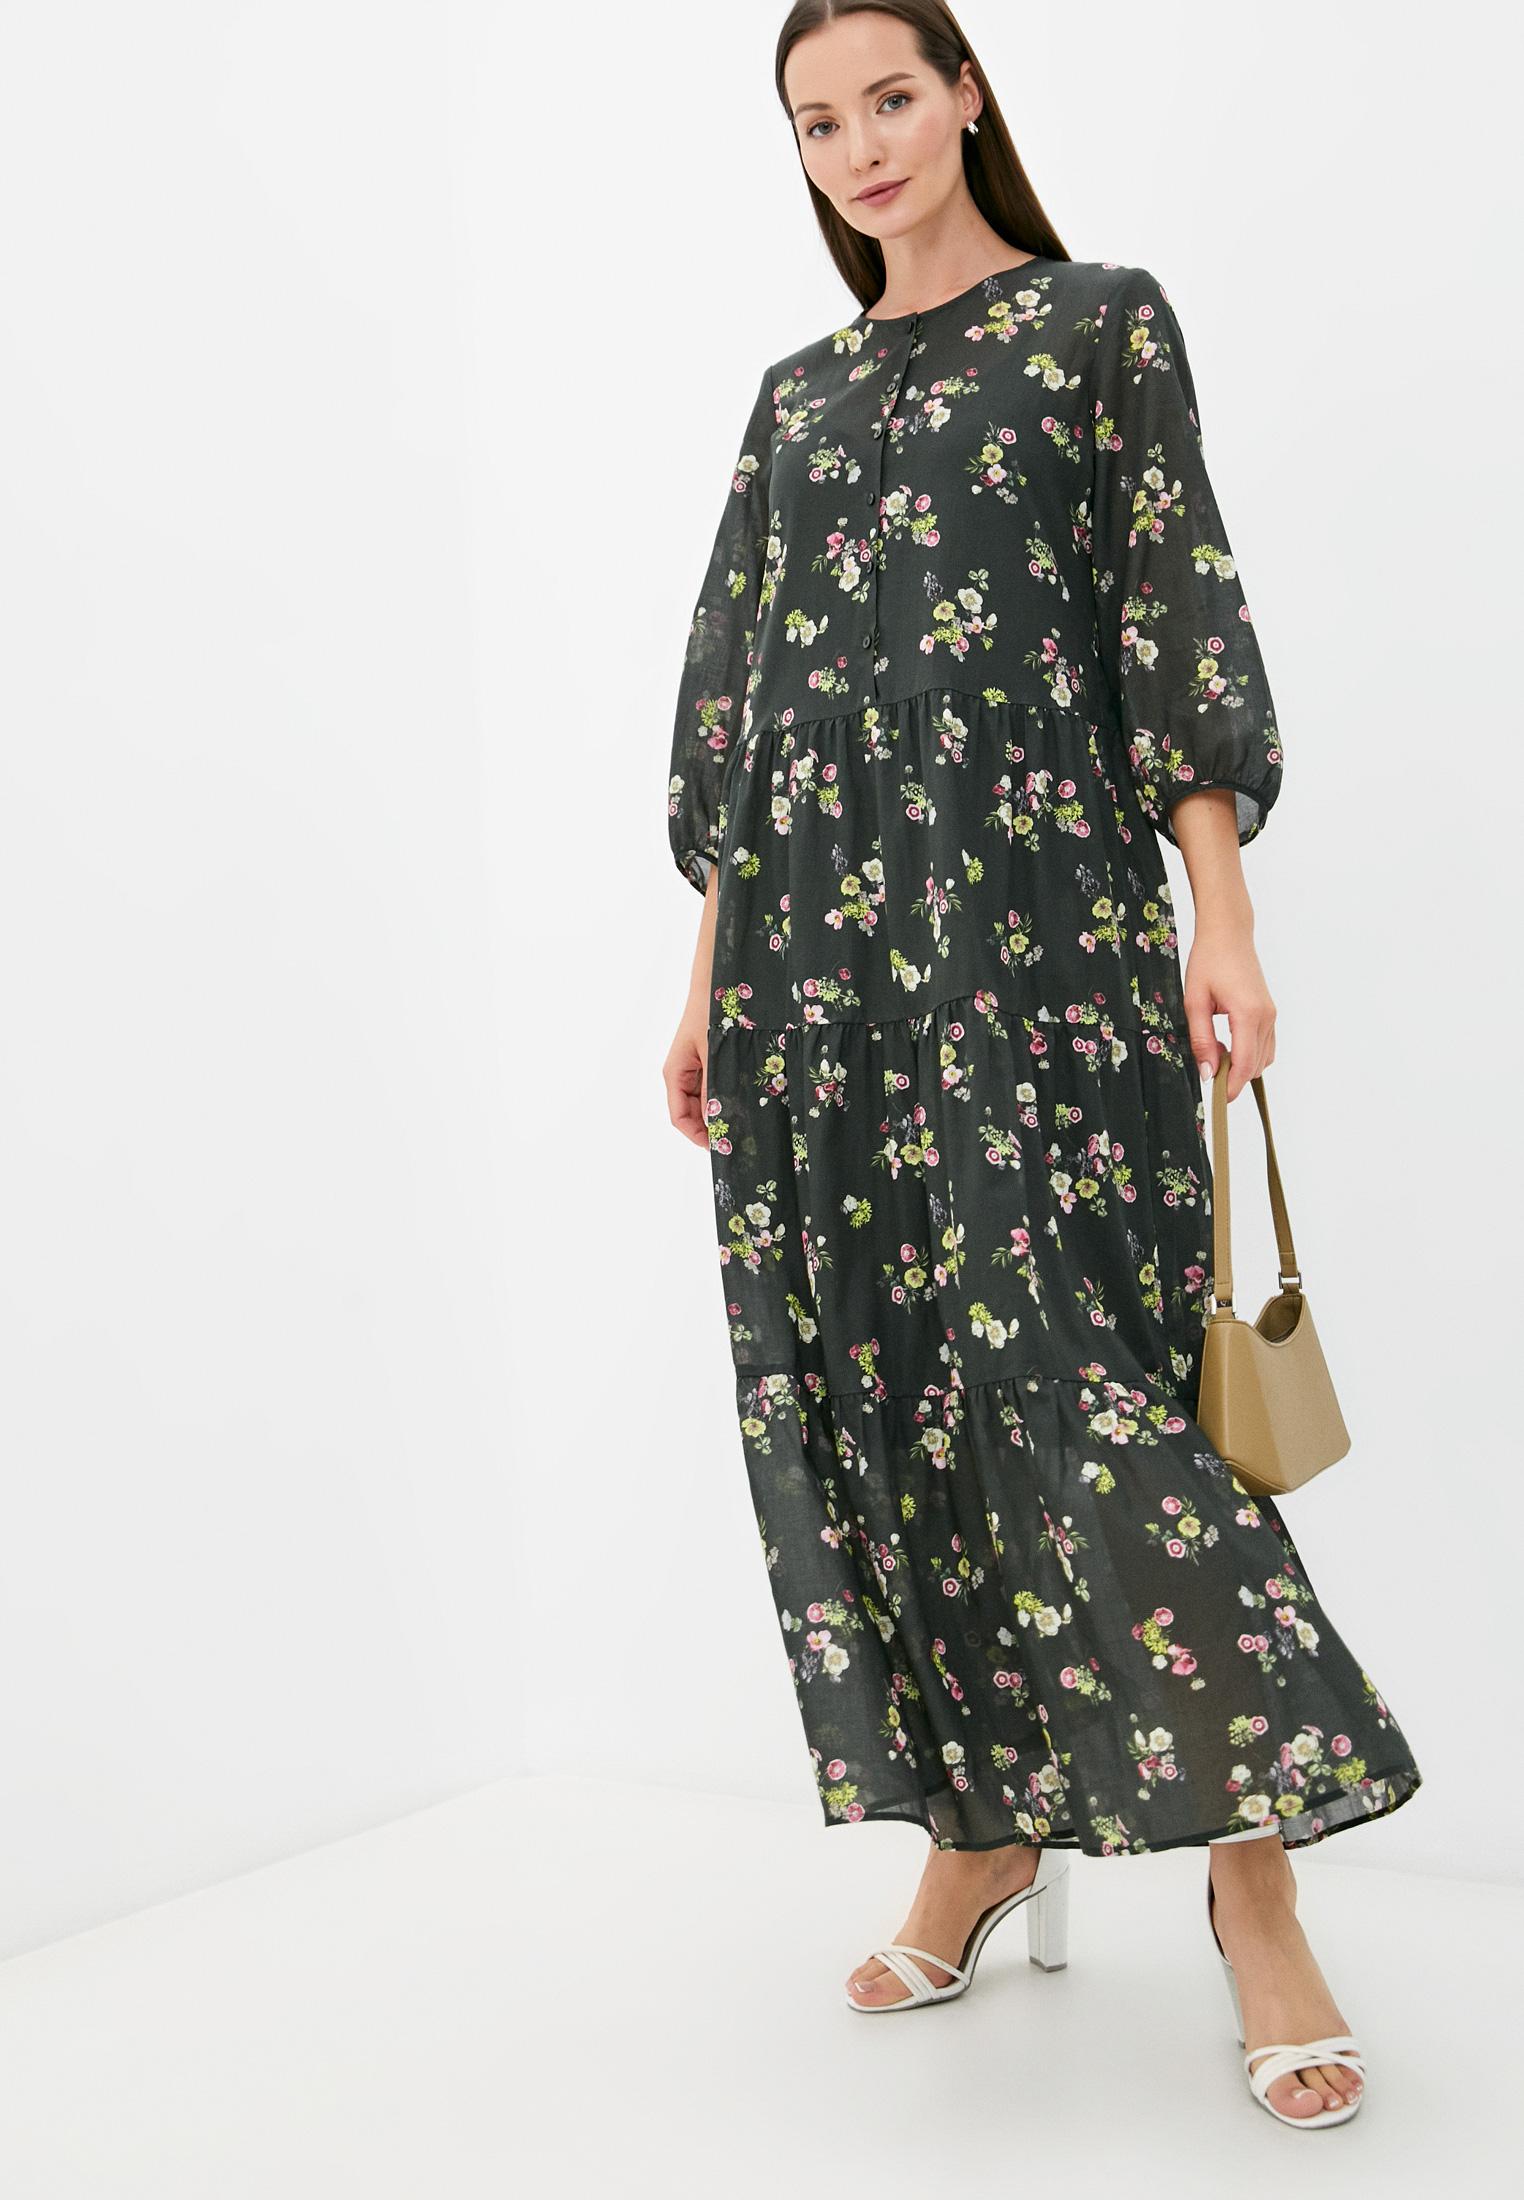 Повседневное платье Gerry Weber (Гарри Вебер) 385003-67207